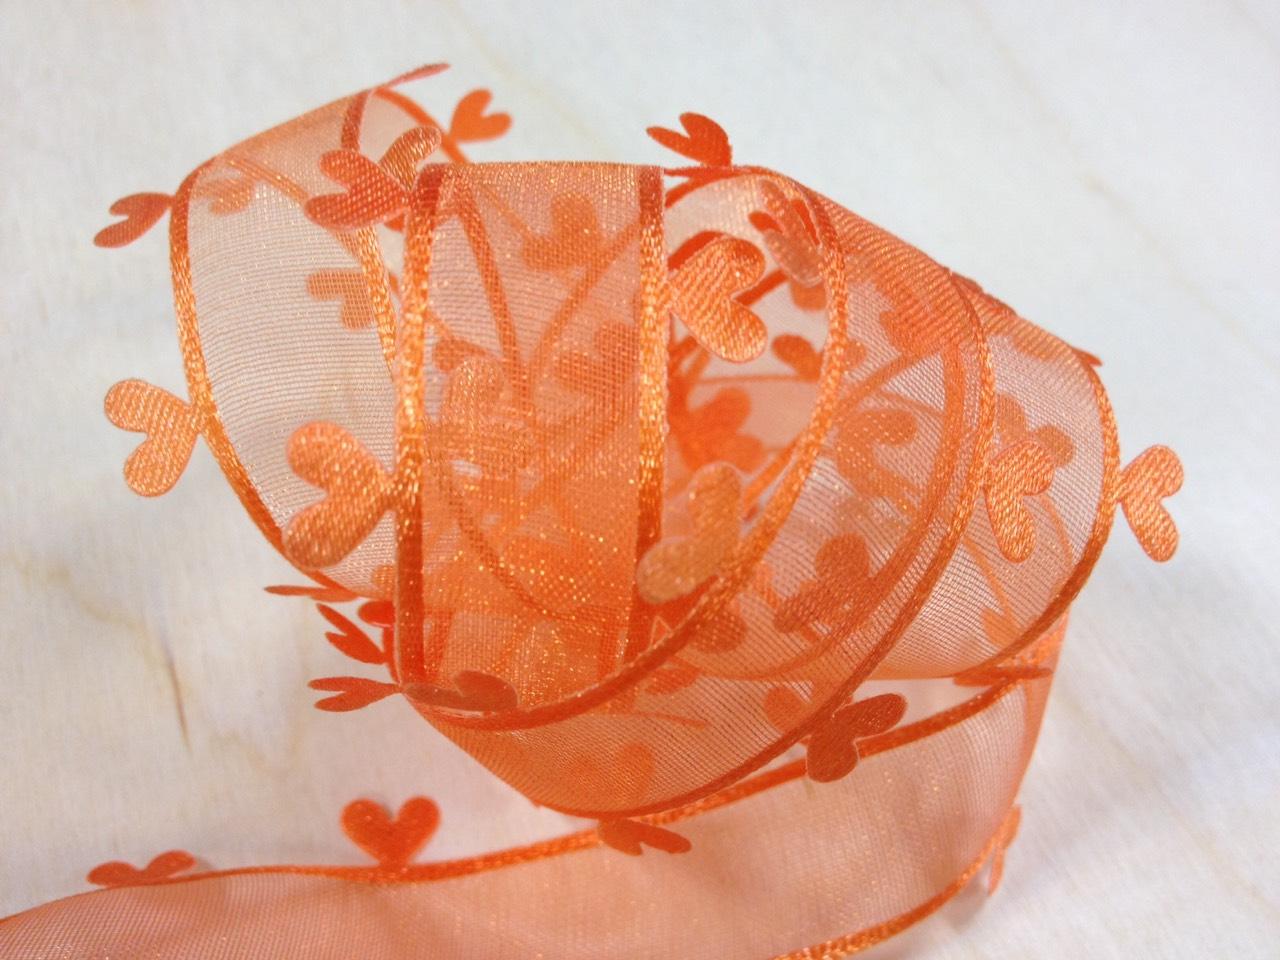 【Crystal Rose緞帶專賣店】壓邊愛心緞帶 27mm 3碼 (11色)